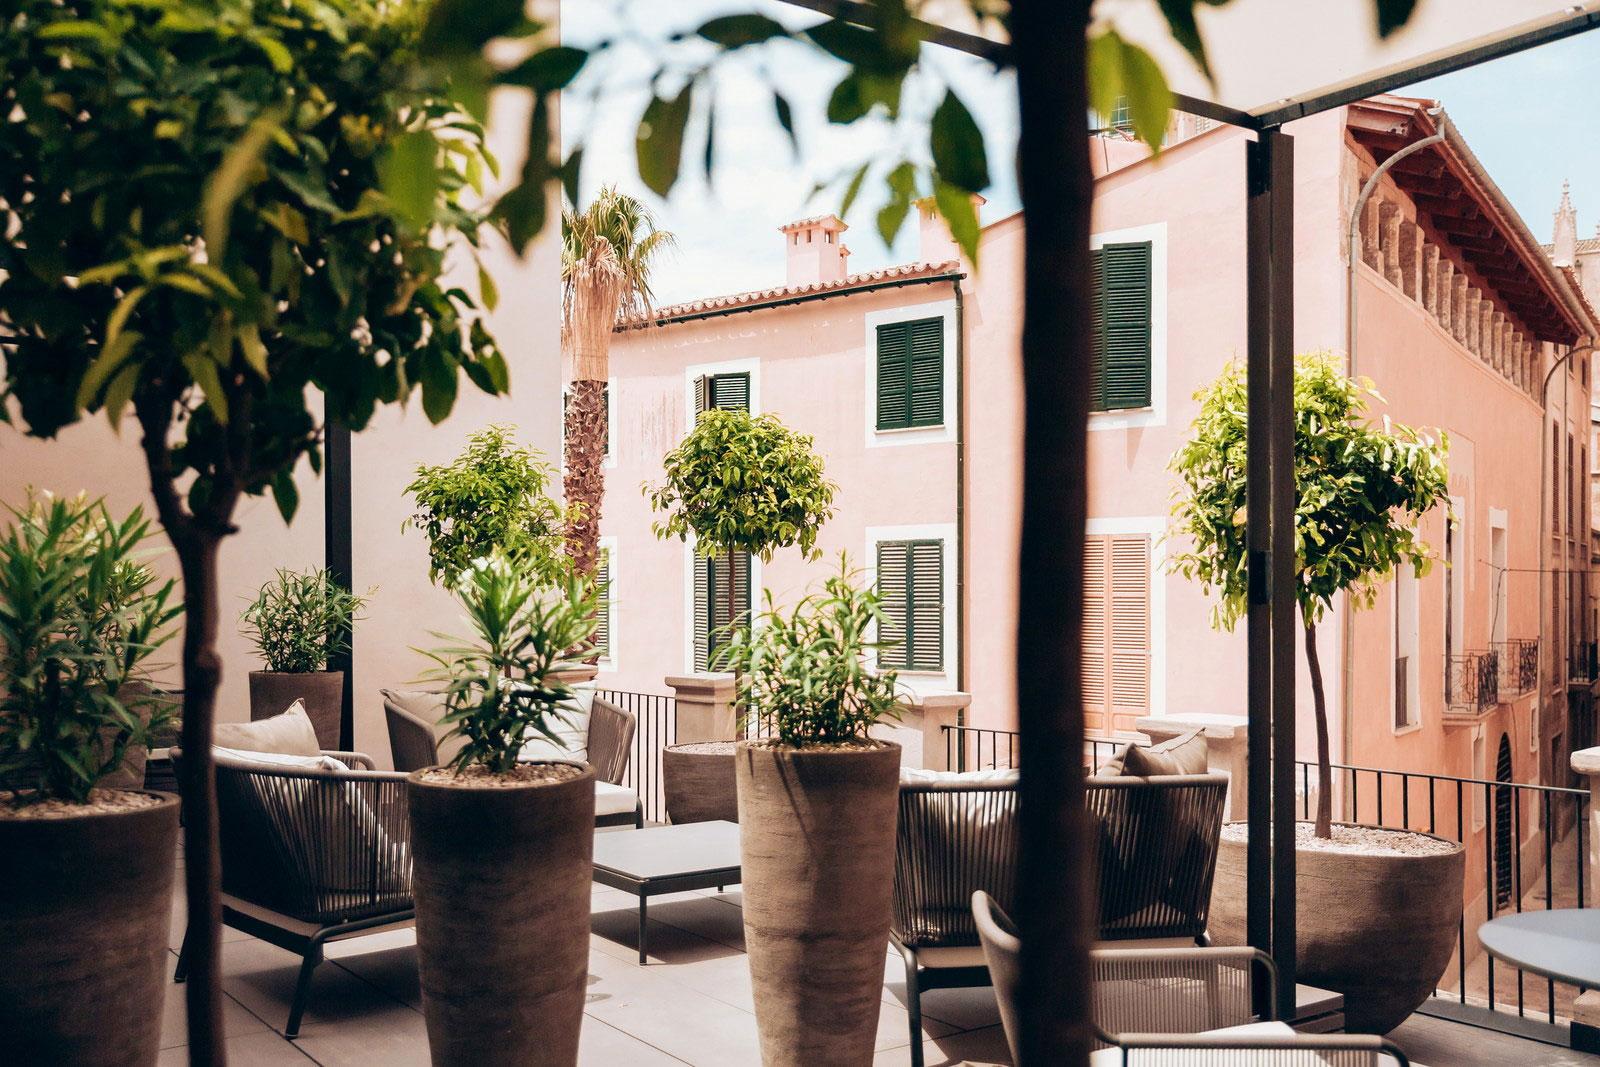 San Francesc Hotel in Palma de Mallorca-03